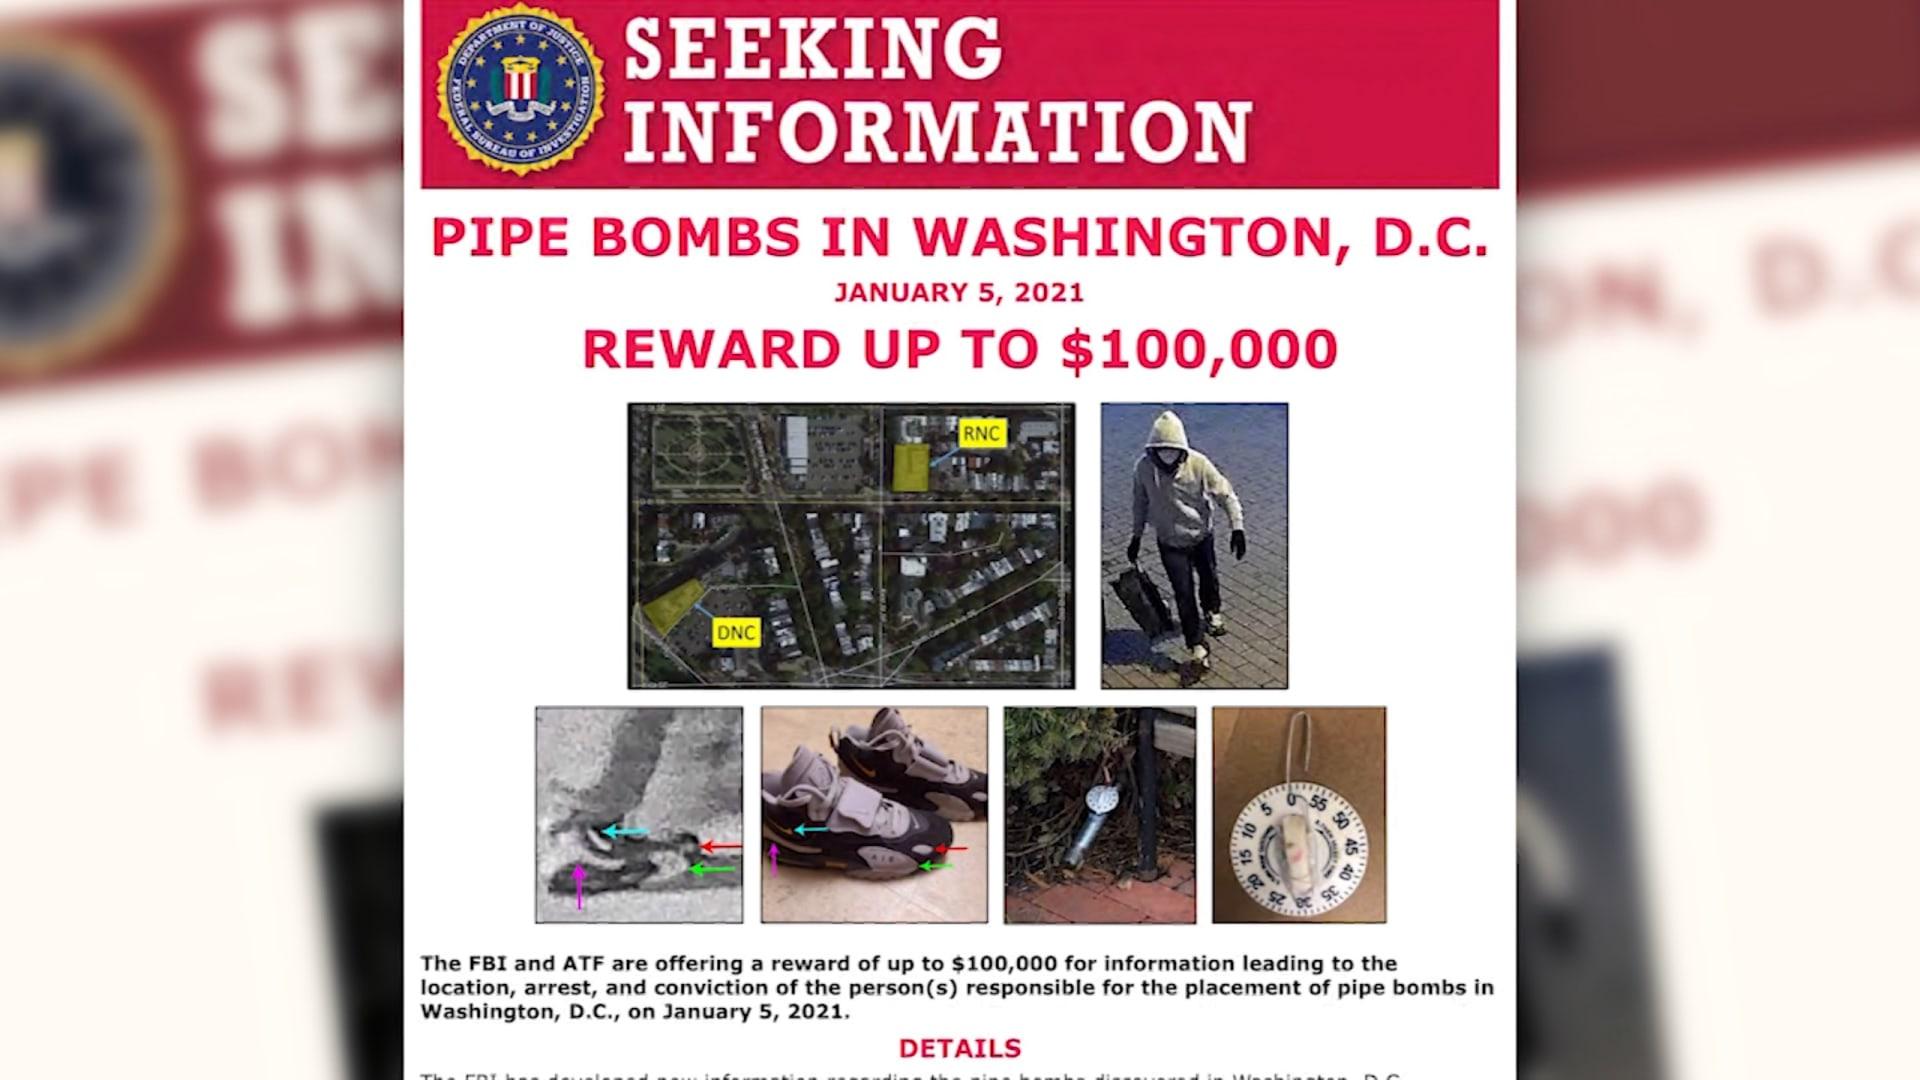 فيديو يُظهر المشتبه بزرعه قنبلتان قرب مبنى الكونغرس قبل اقتحامه